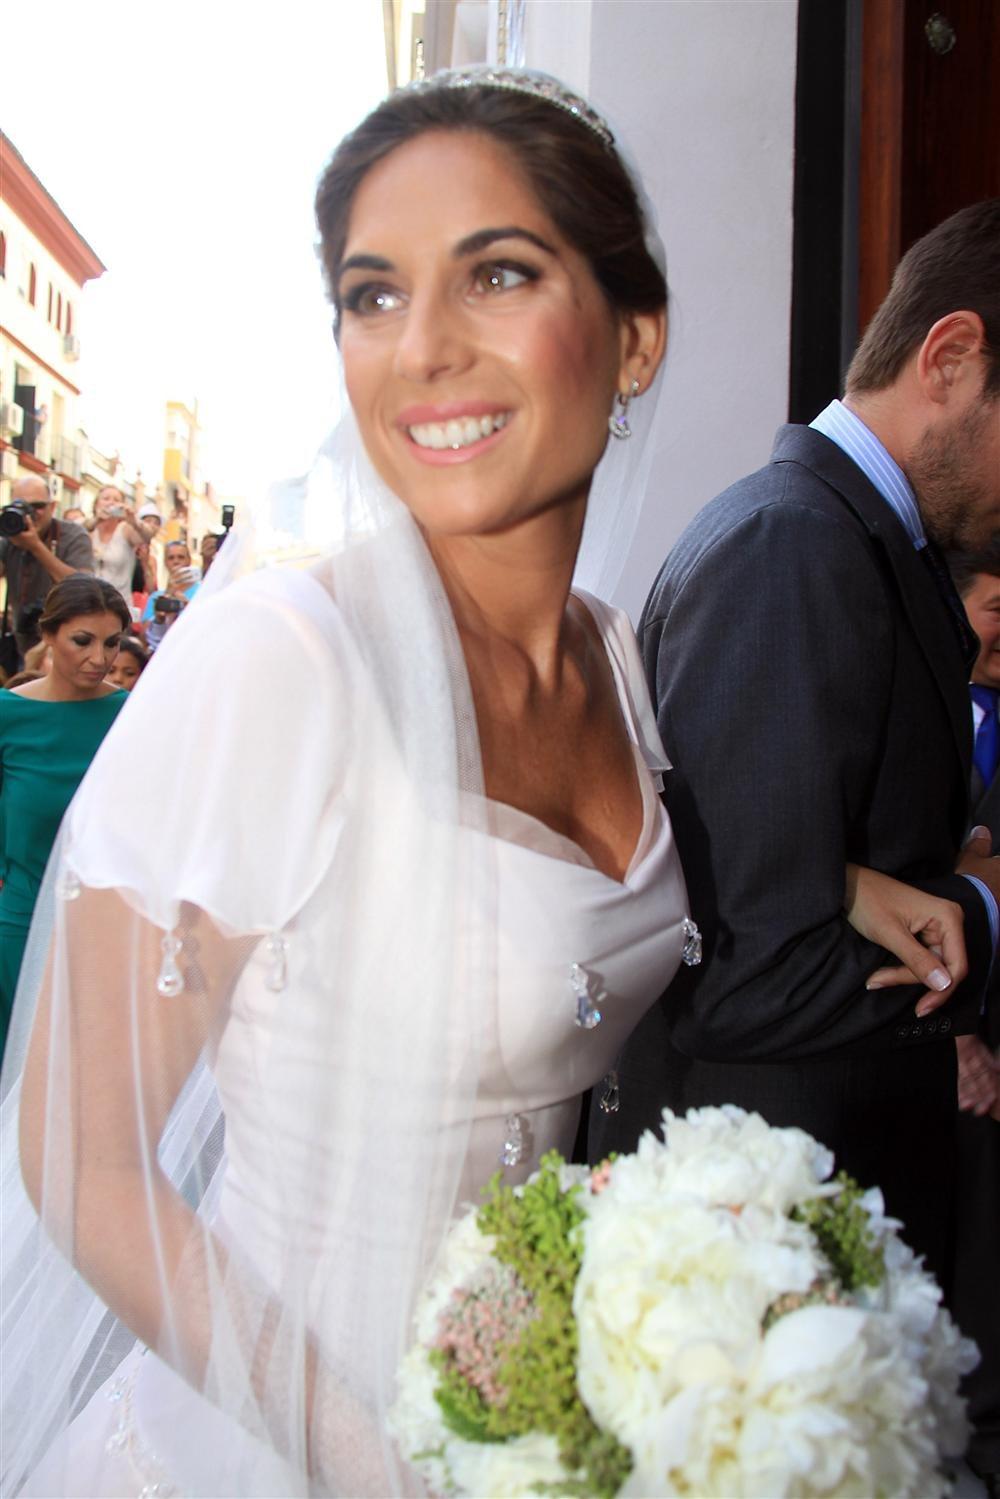 Vestido novia lourdes montes feo